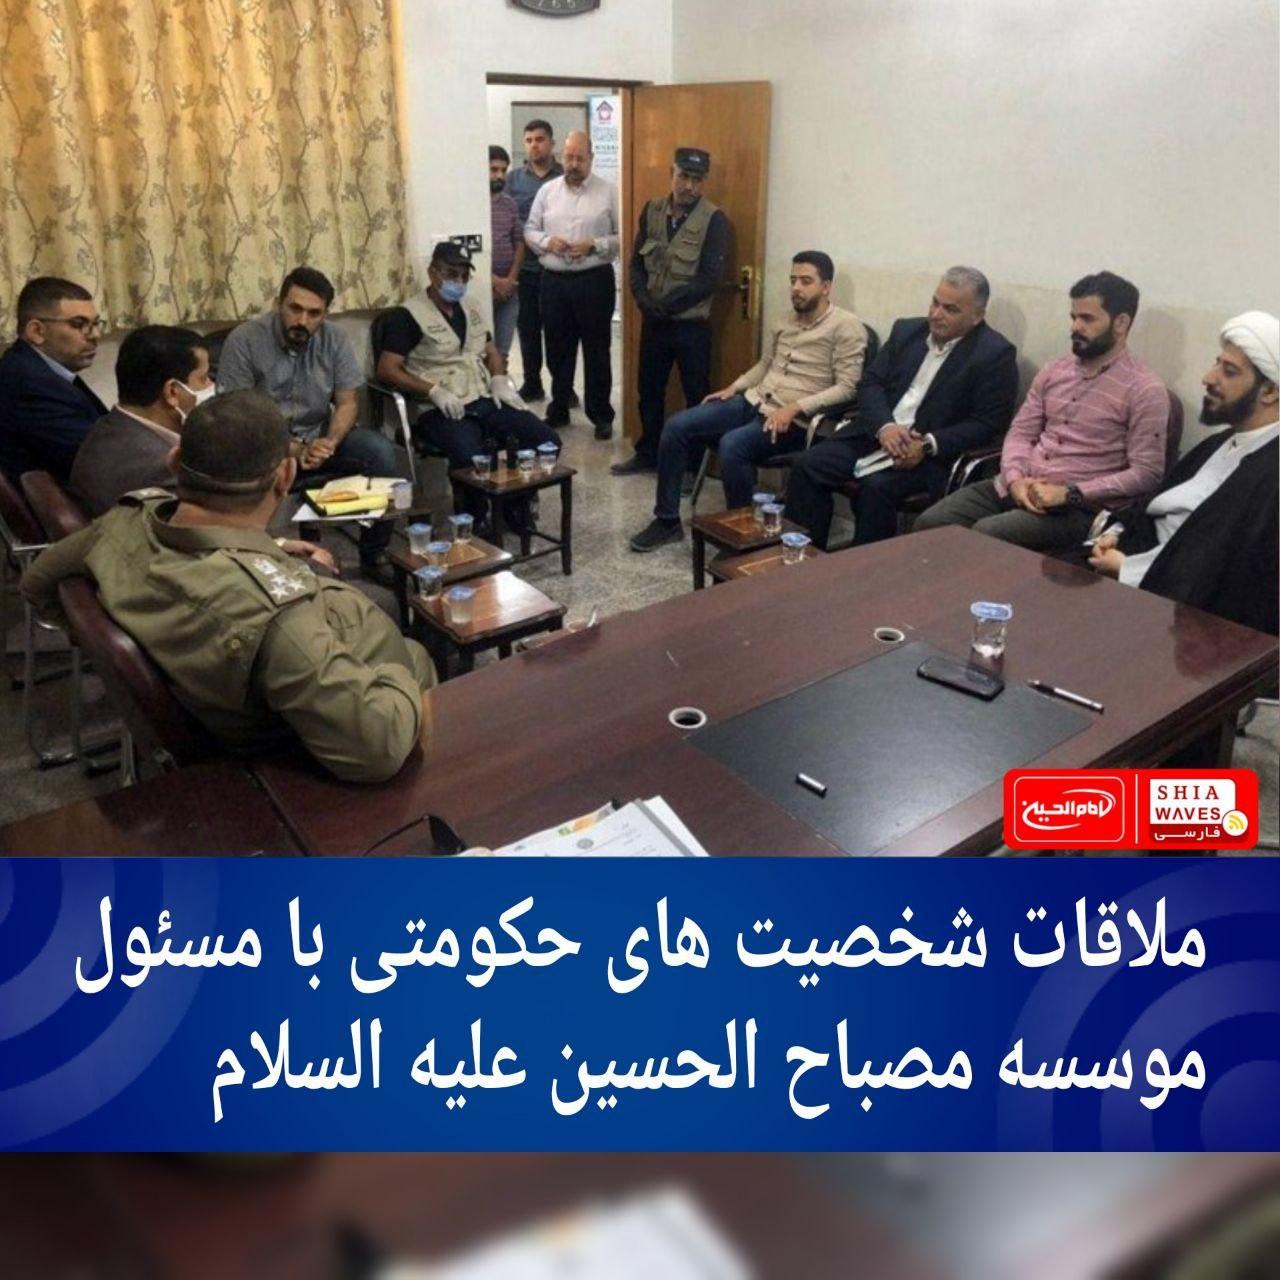 تصویر ملاقات شخصیت های حکومتی با مسئول موسسه مصباح الحسین علیه السلام